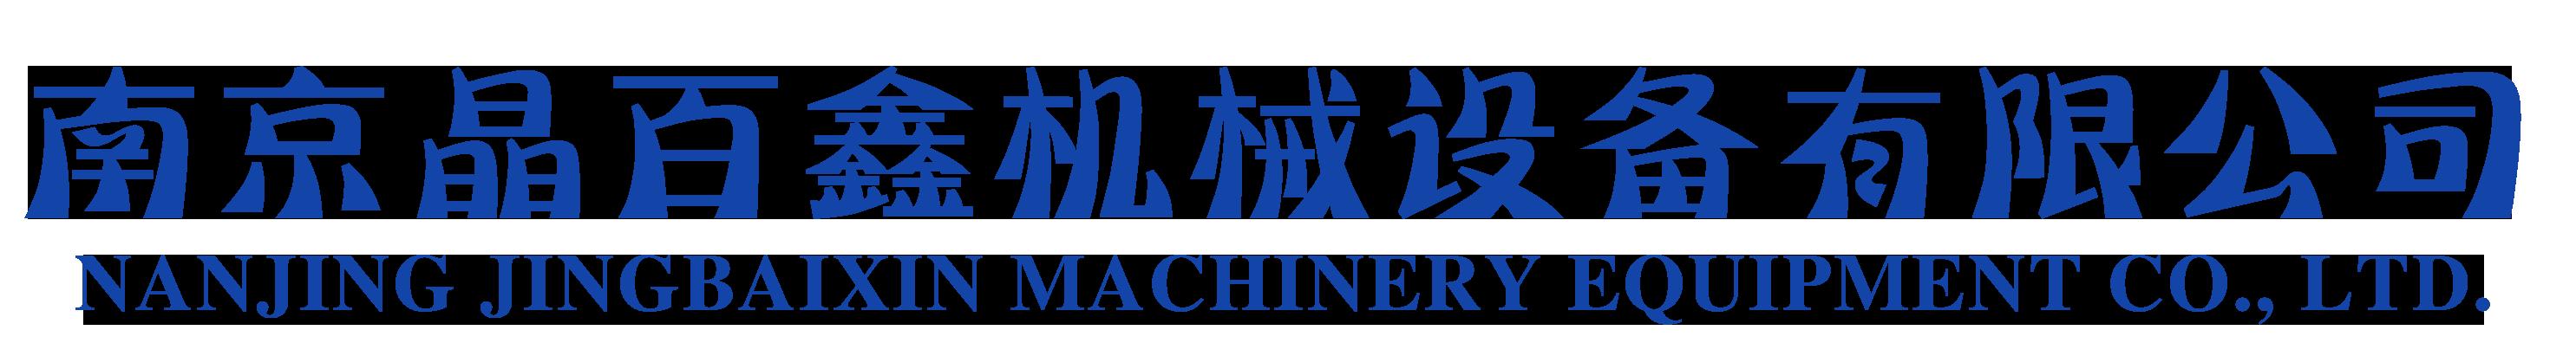 南京晶百鑫機械設備有限公司